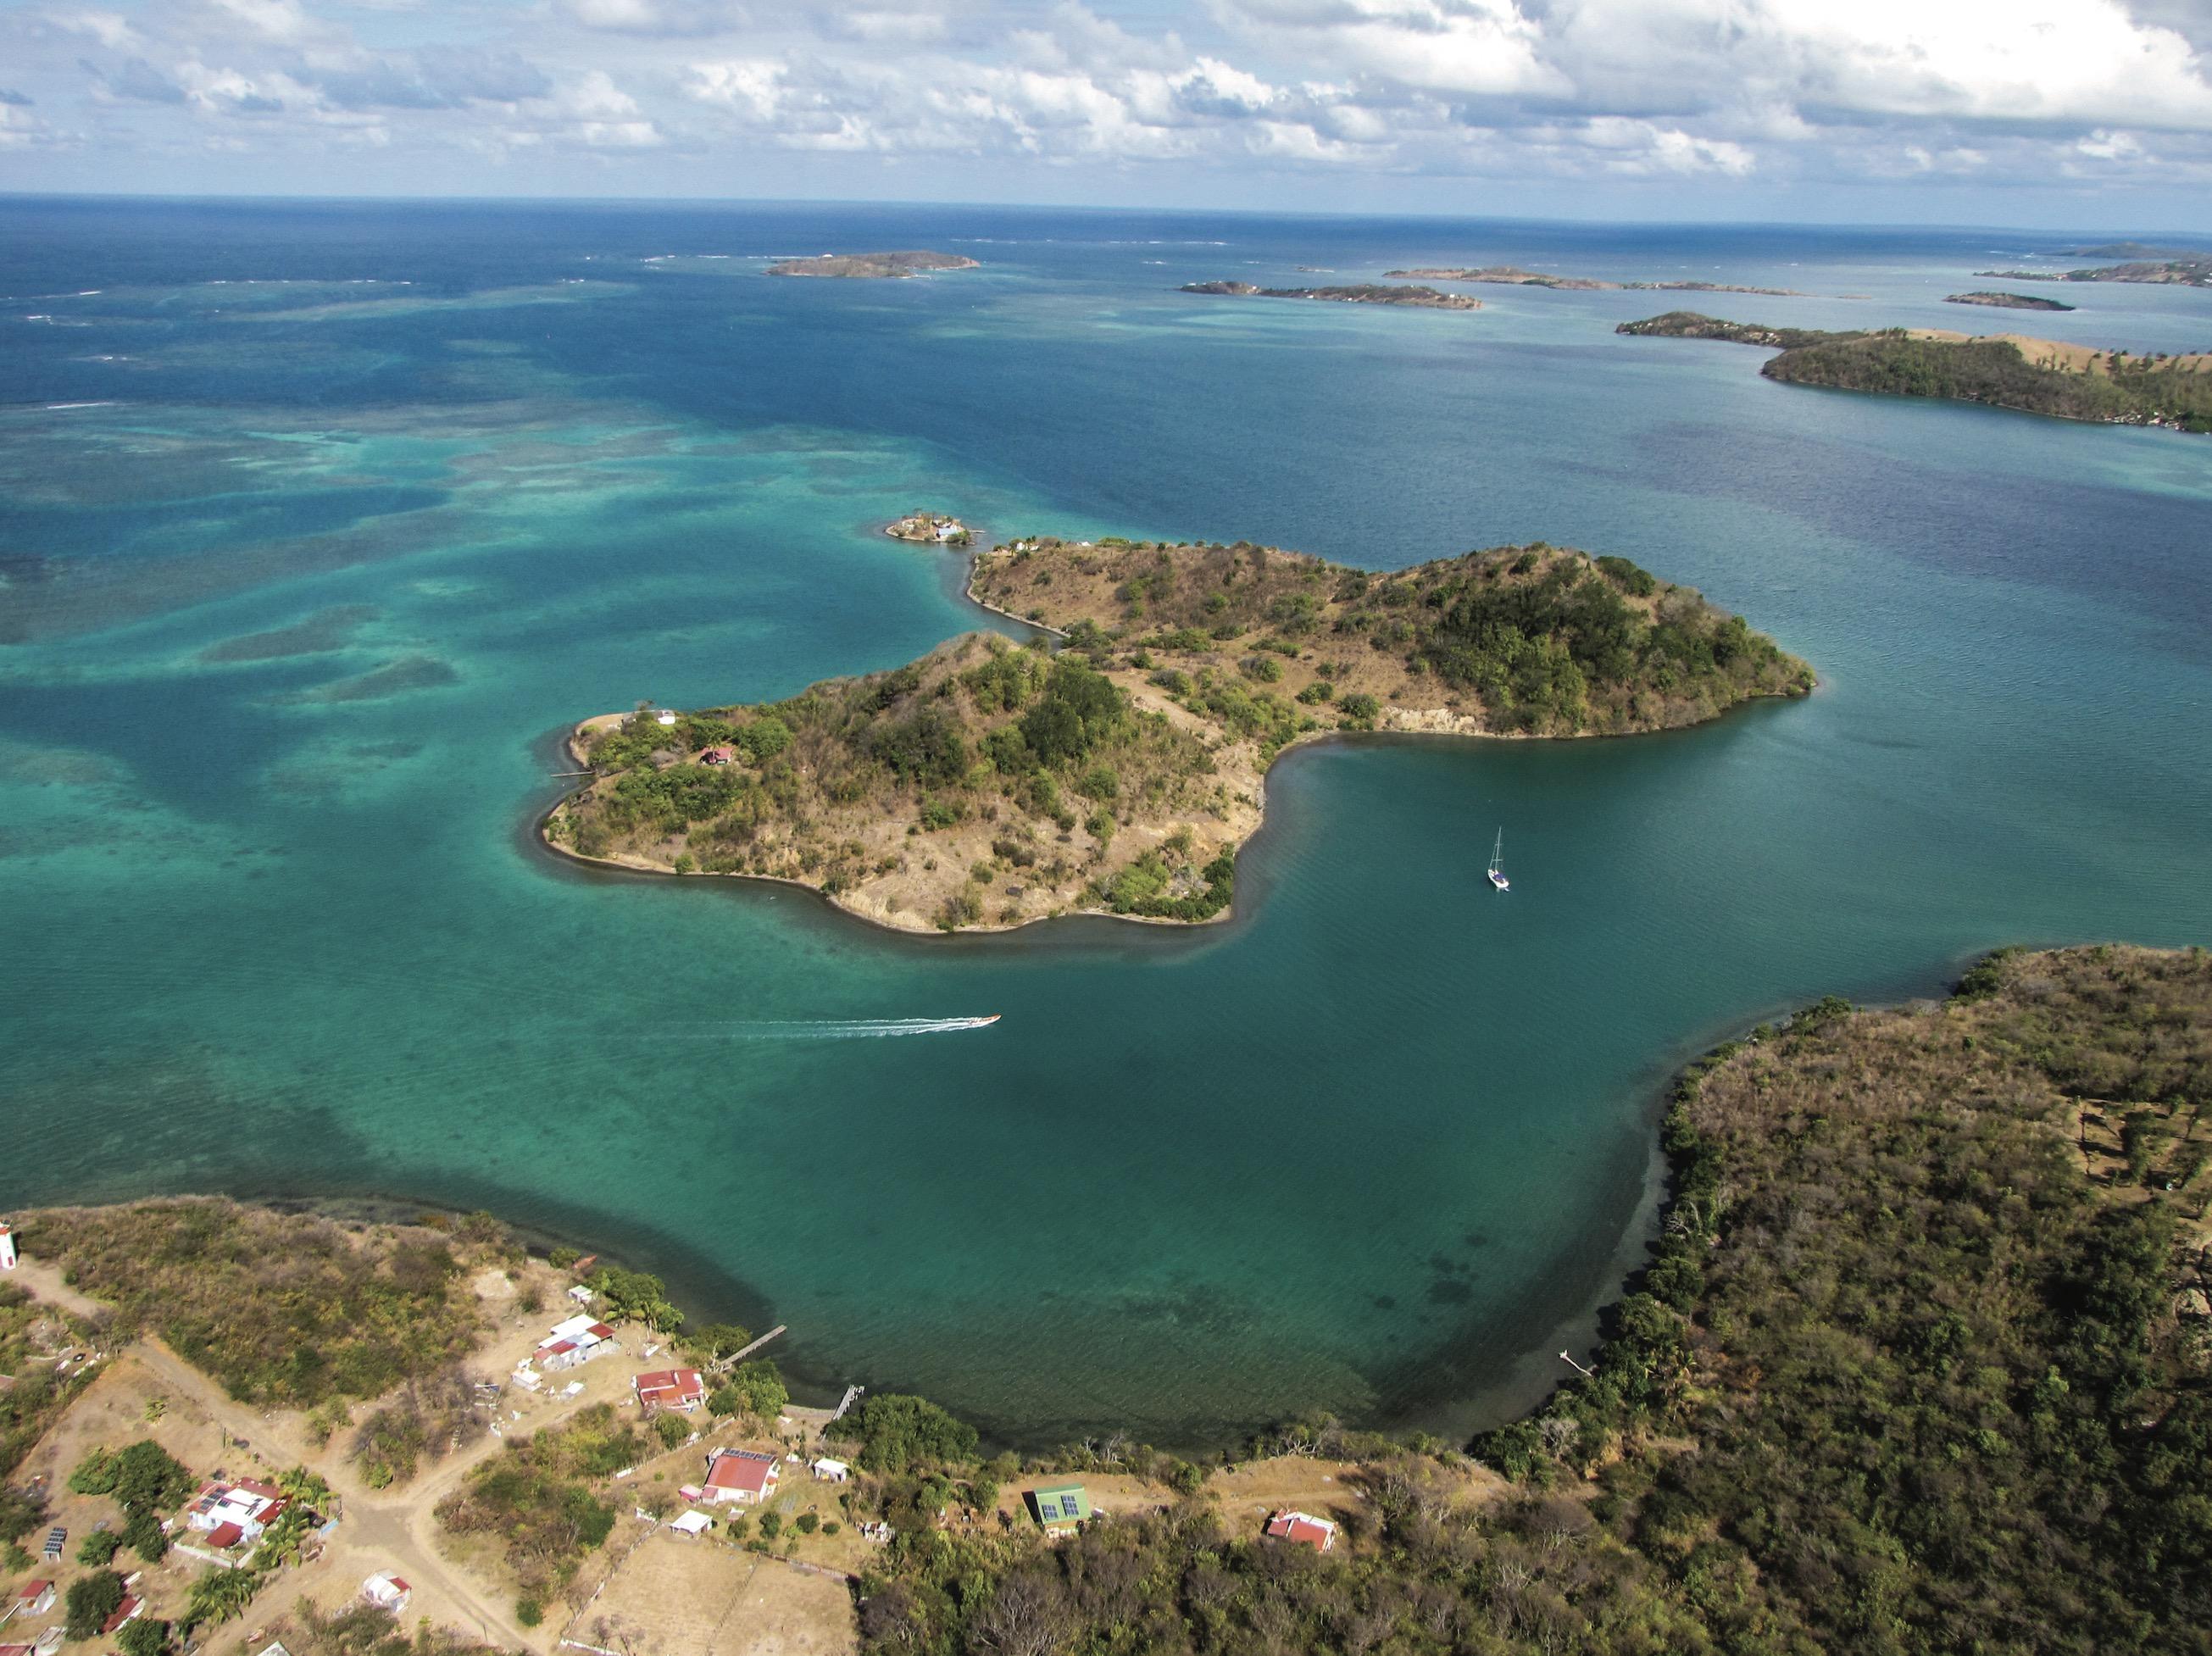 Tourisme en Martinique : vue aérienne de la barrière de corail